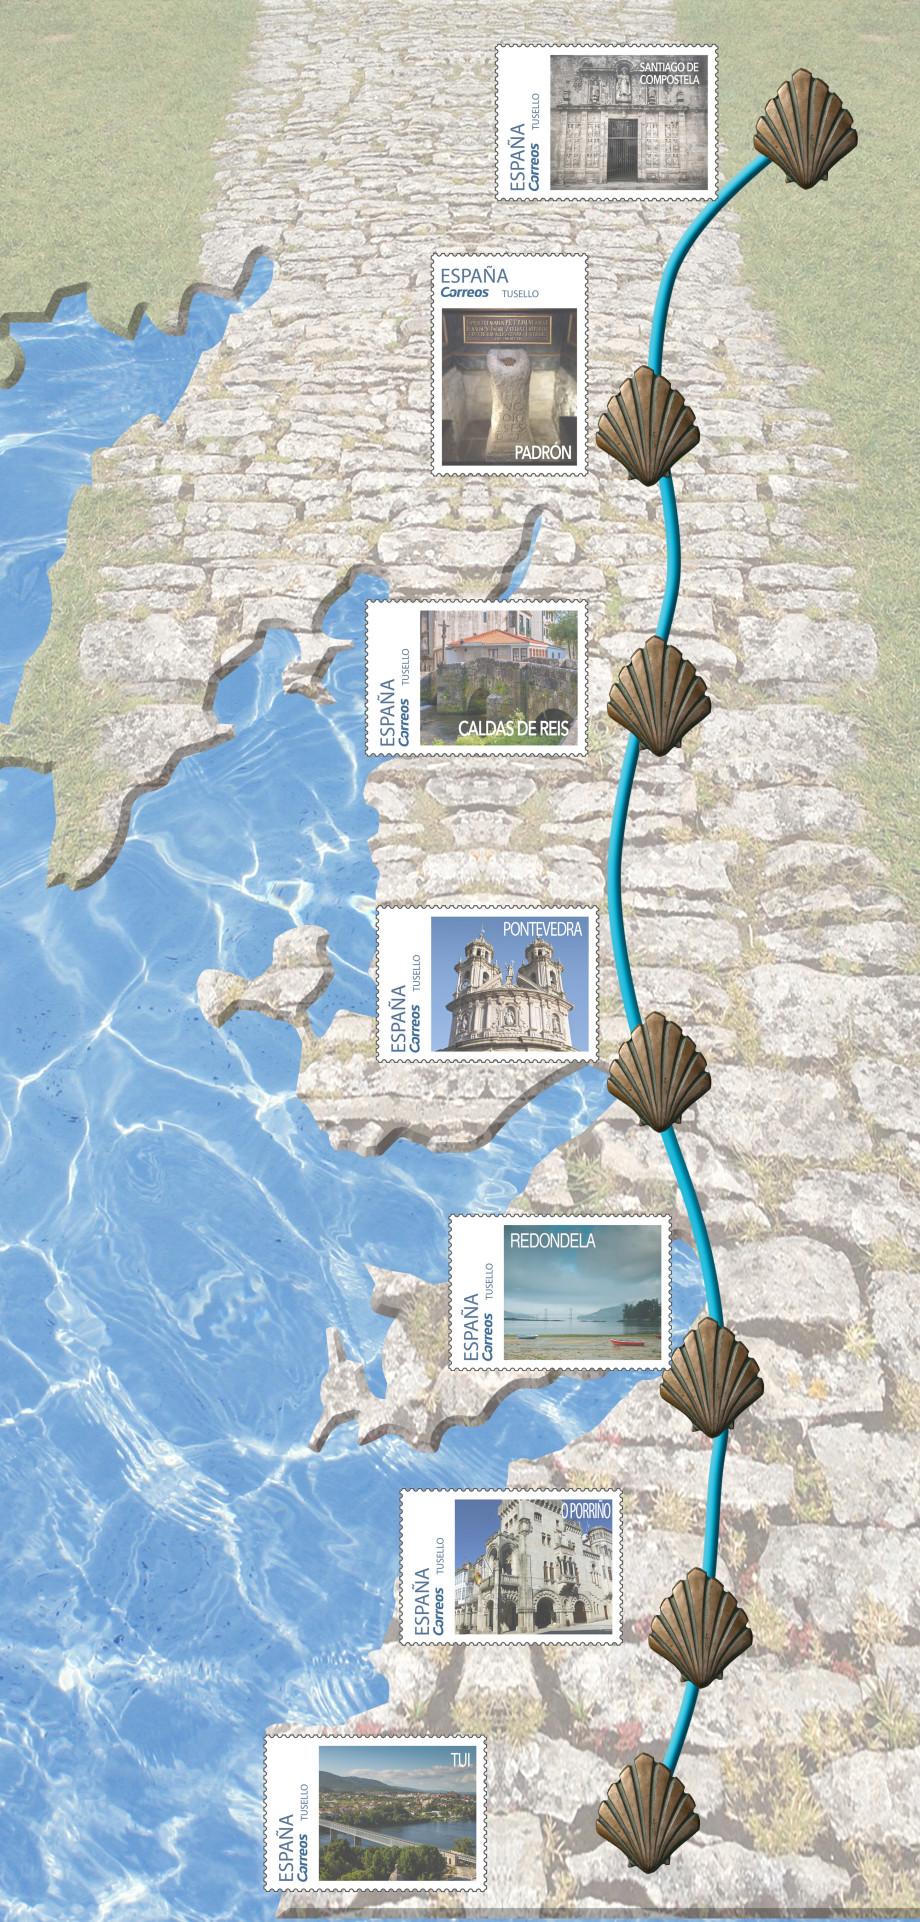 Tarjeta del Camino Portugués con los Sellos de cada etapa